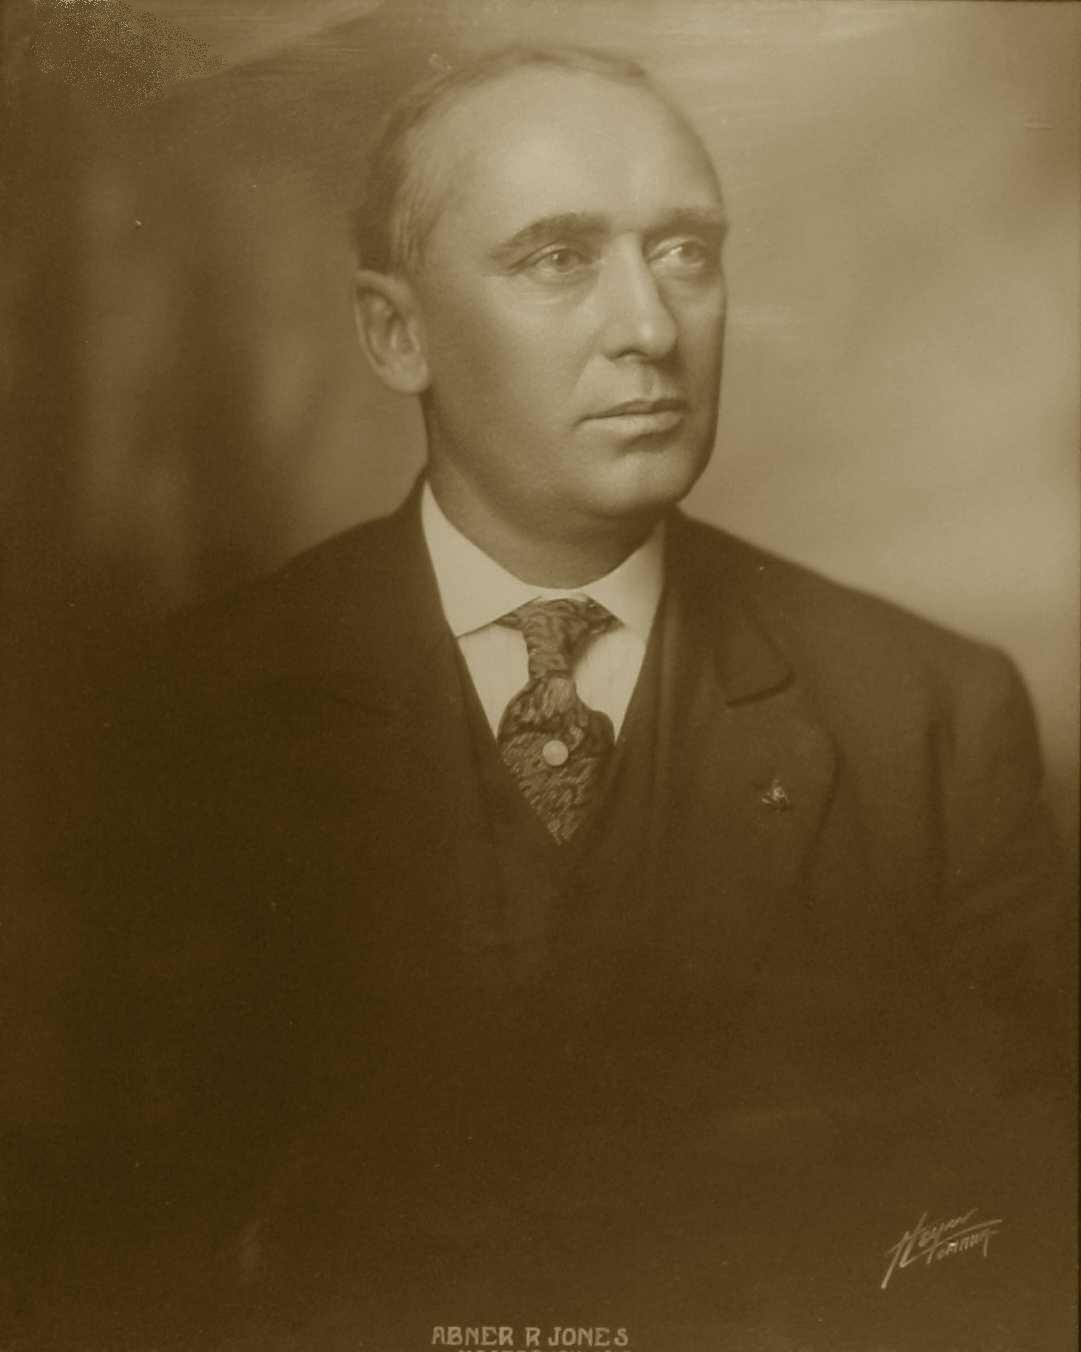 Abner R. Jones, 1914-1915